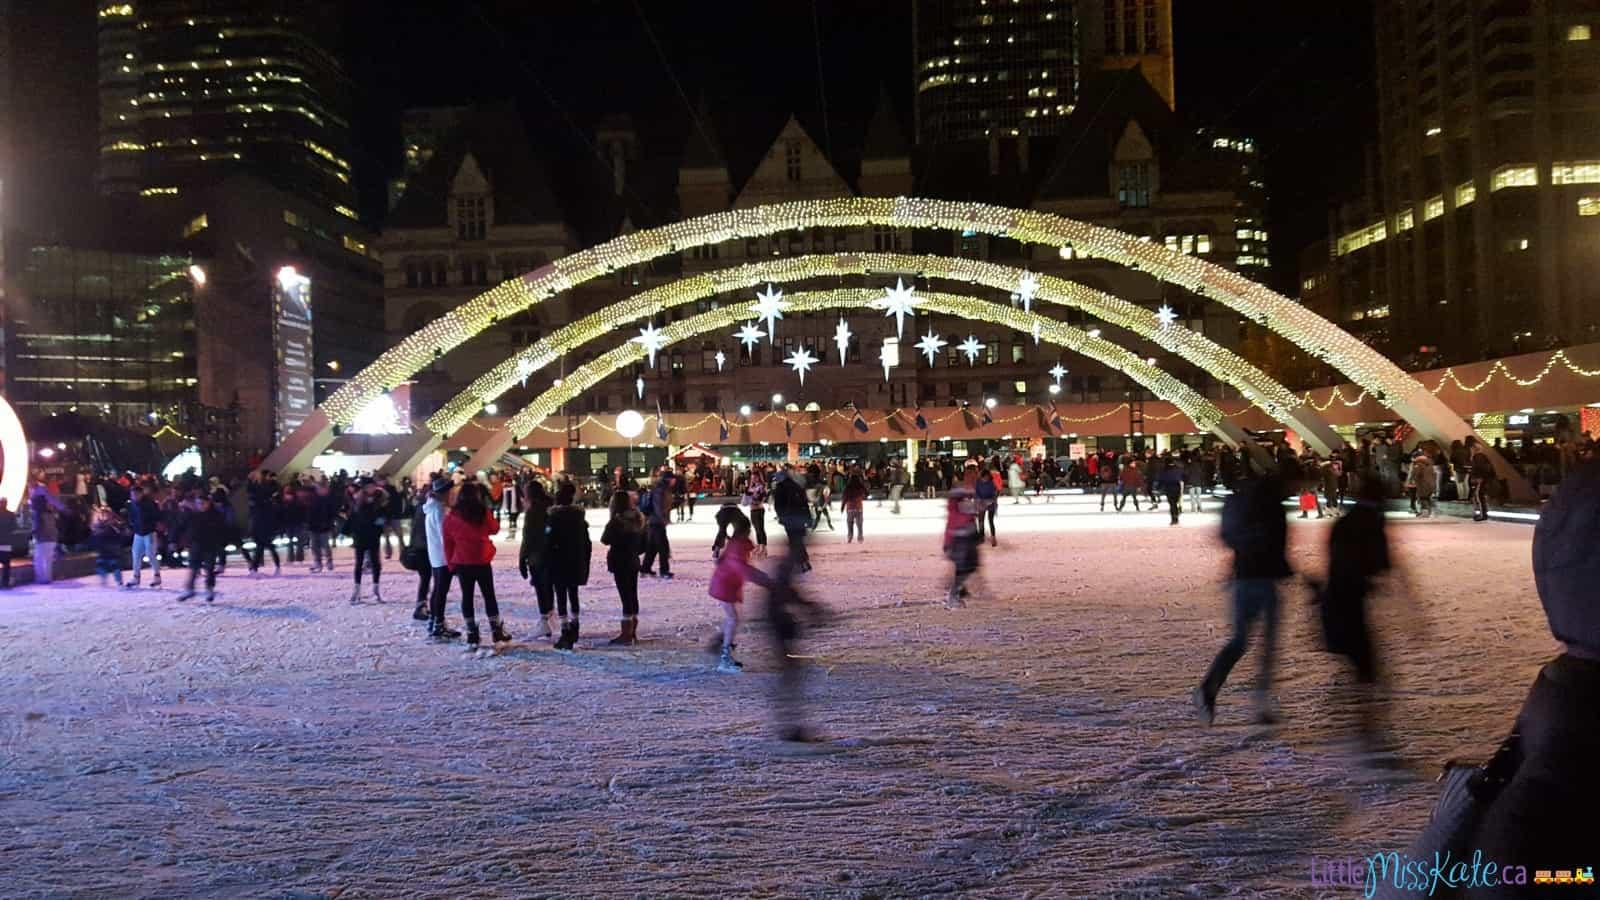 Outdoor-skating-rink-toronto-nathan-phillips-square-skating-at-night--1